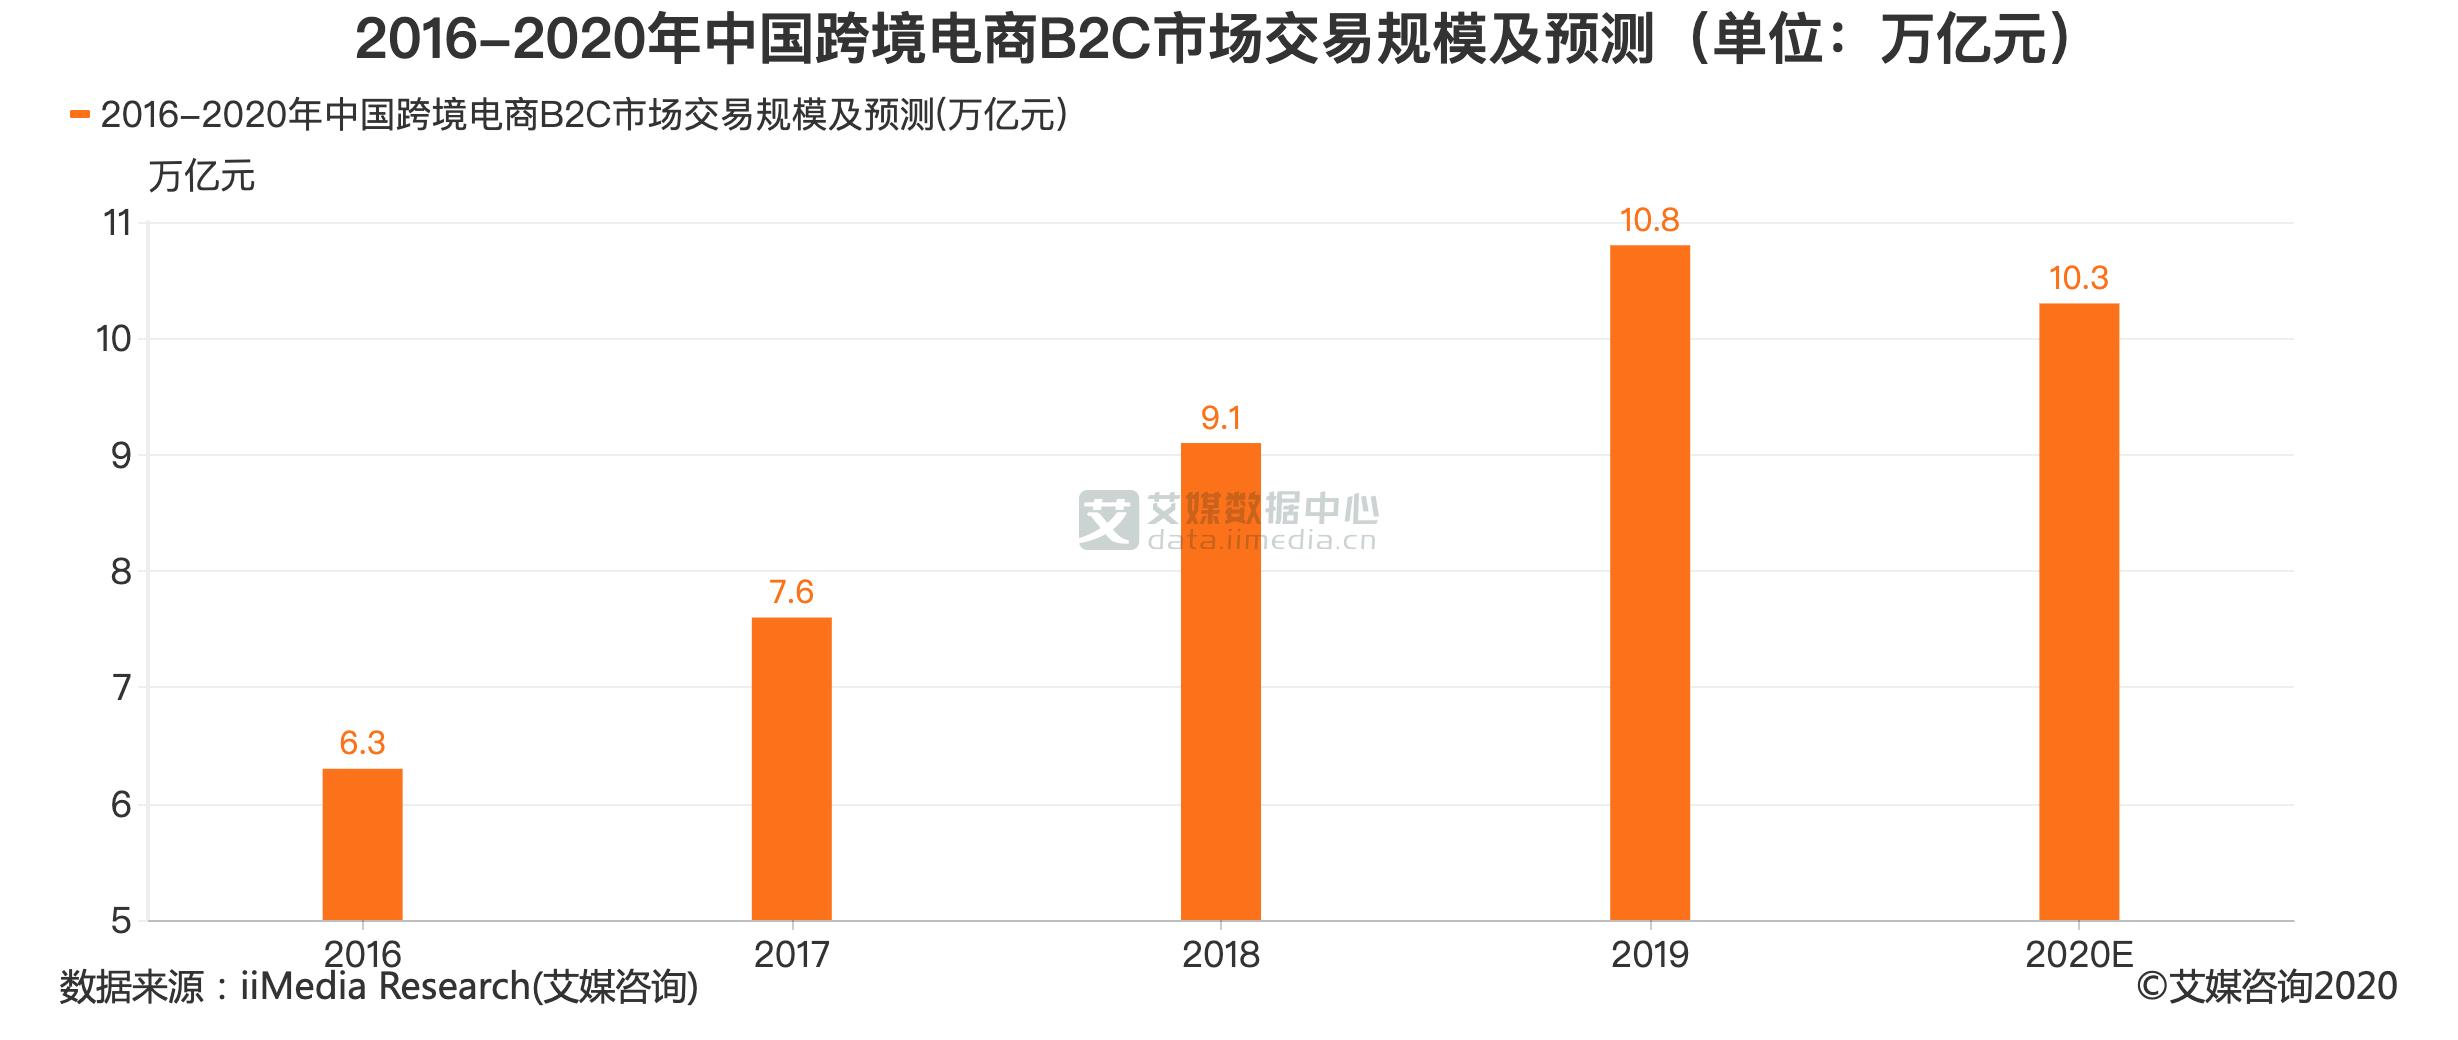 2016-2020年中国跨境电商B2C市场交易规模及预测(单位:万亿元)